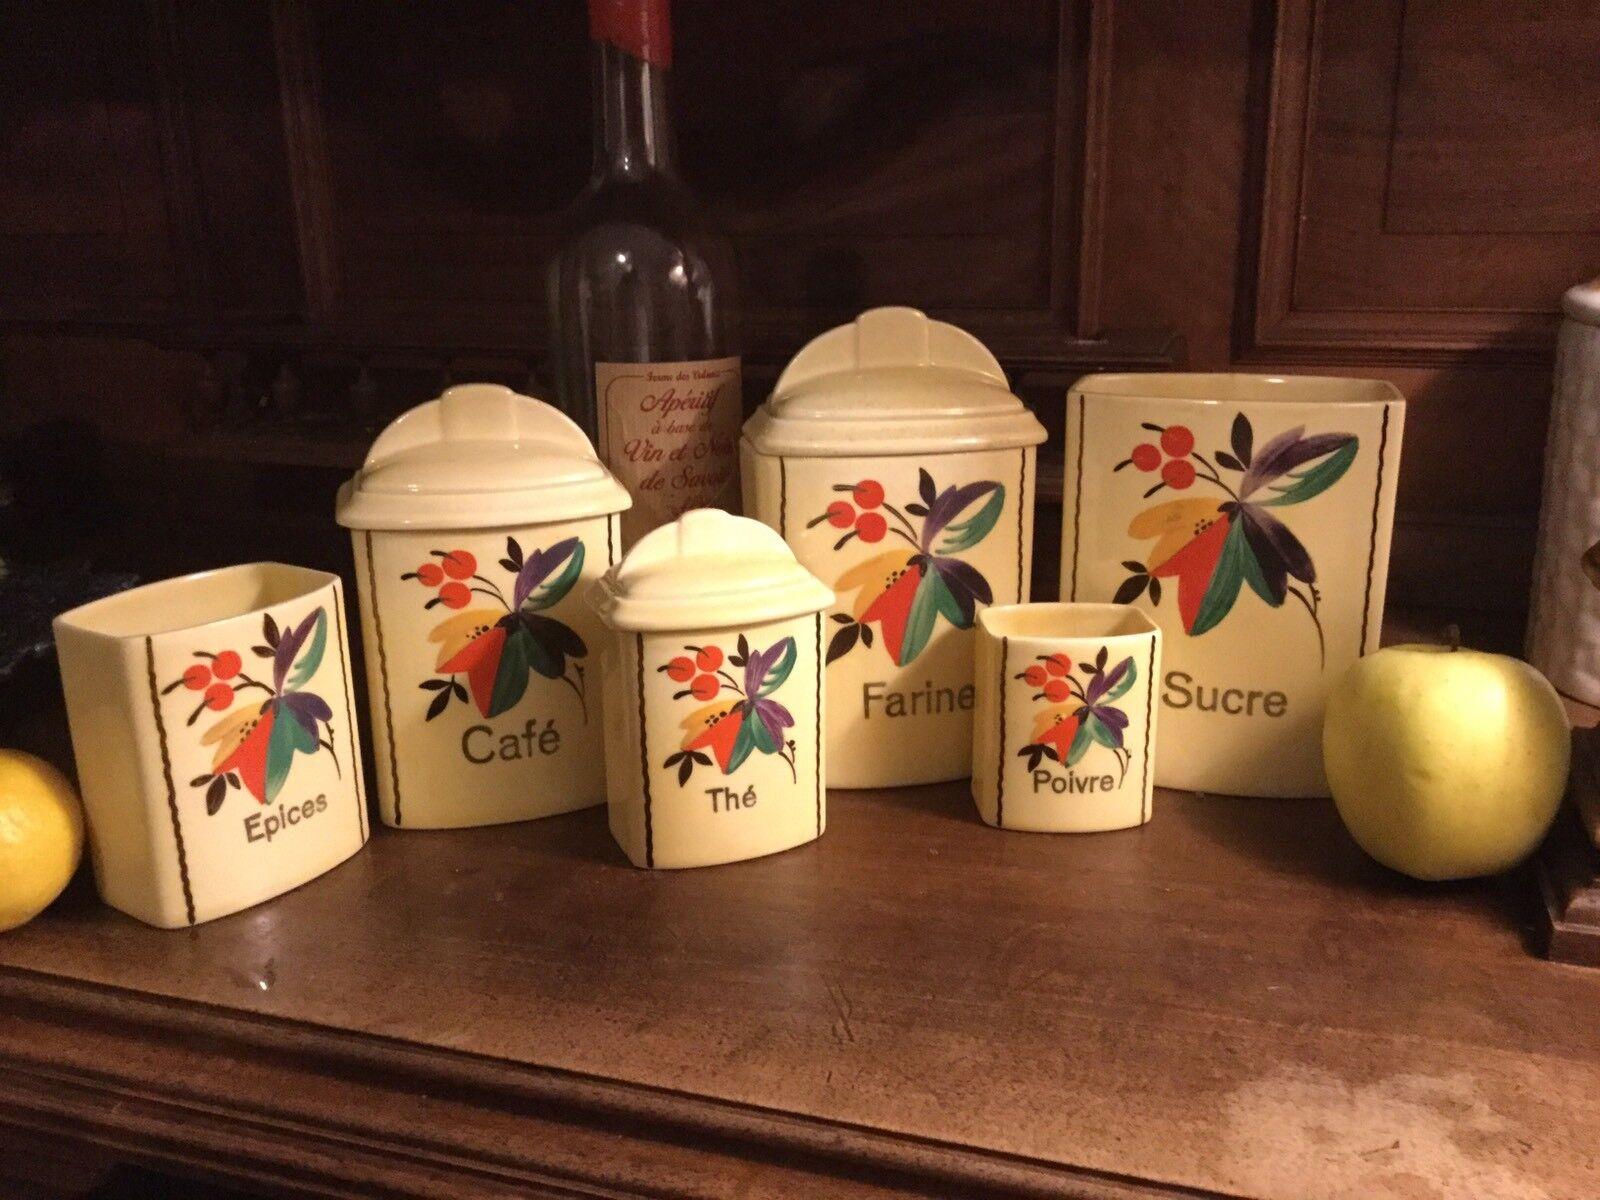 Klassisch Französisch Keramik Porzellan Porzellan Porzellan Küche Kanister Set Topfwaren Retro Gelb dd27ee